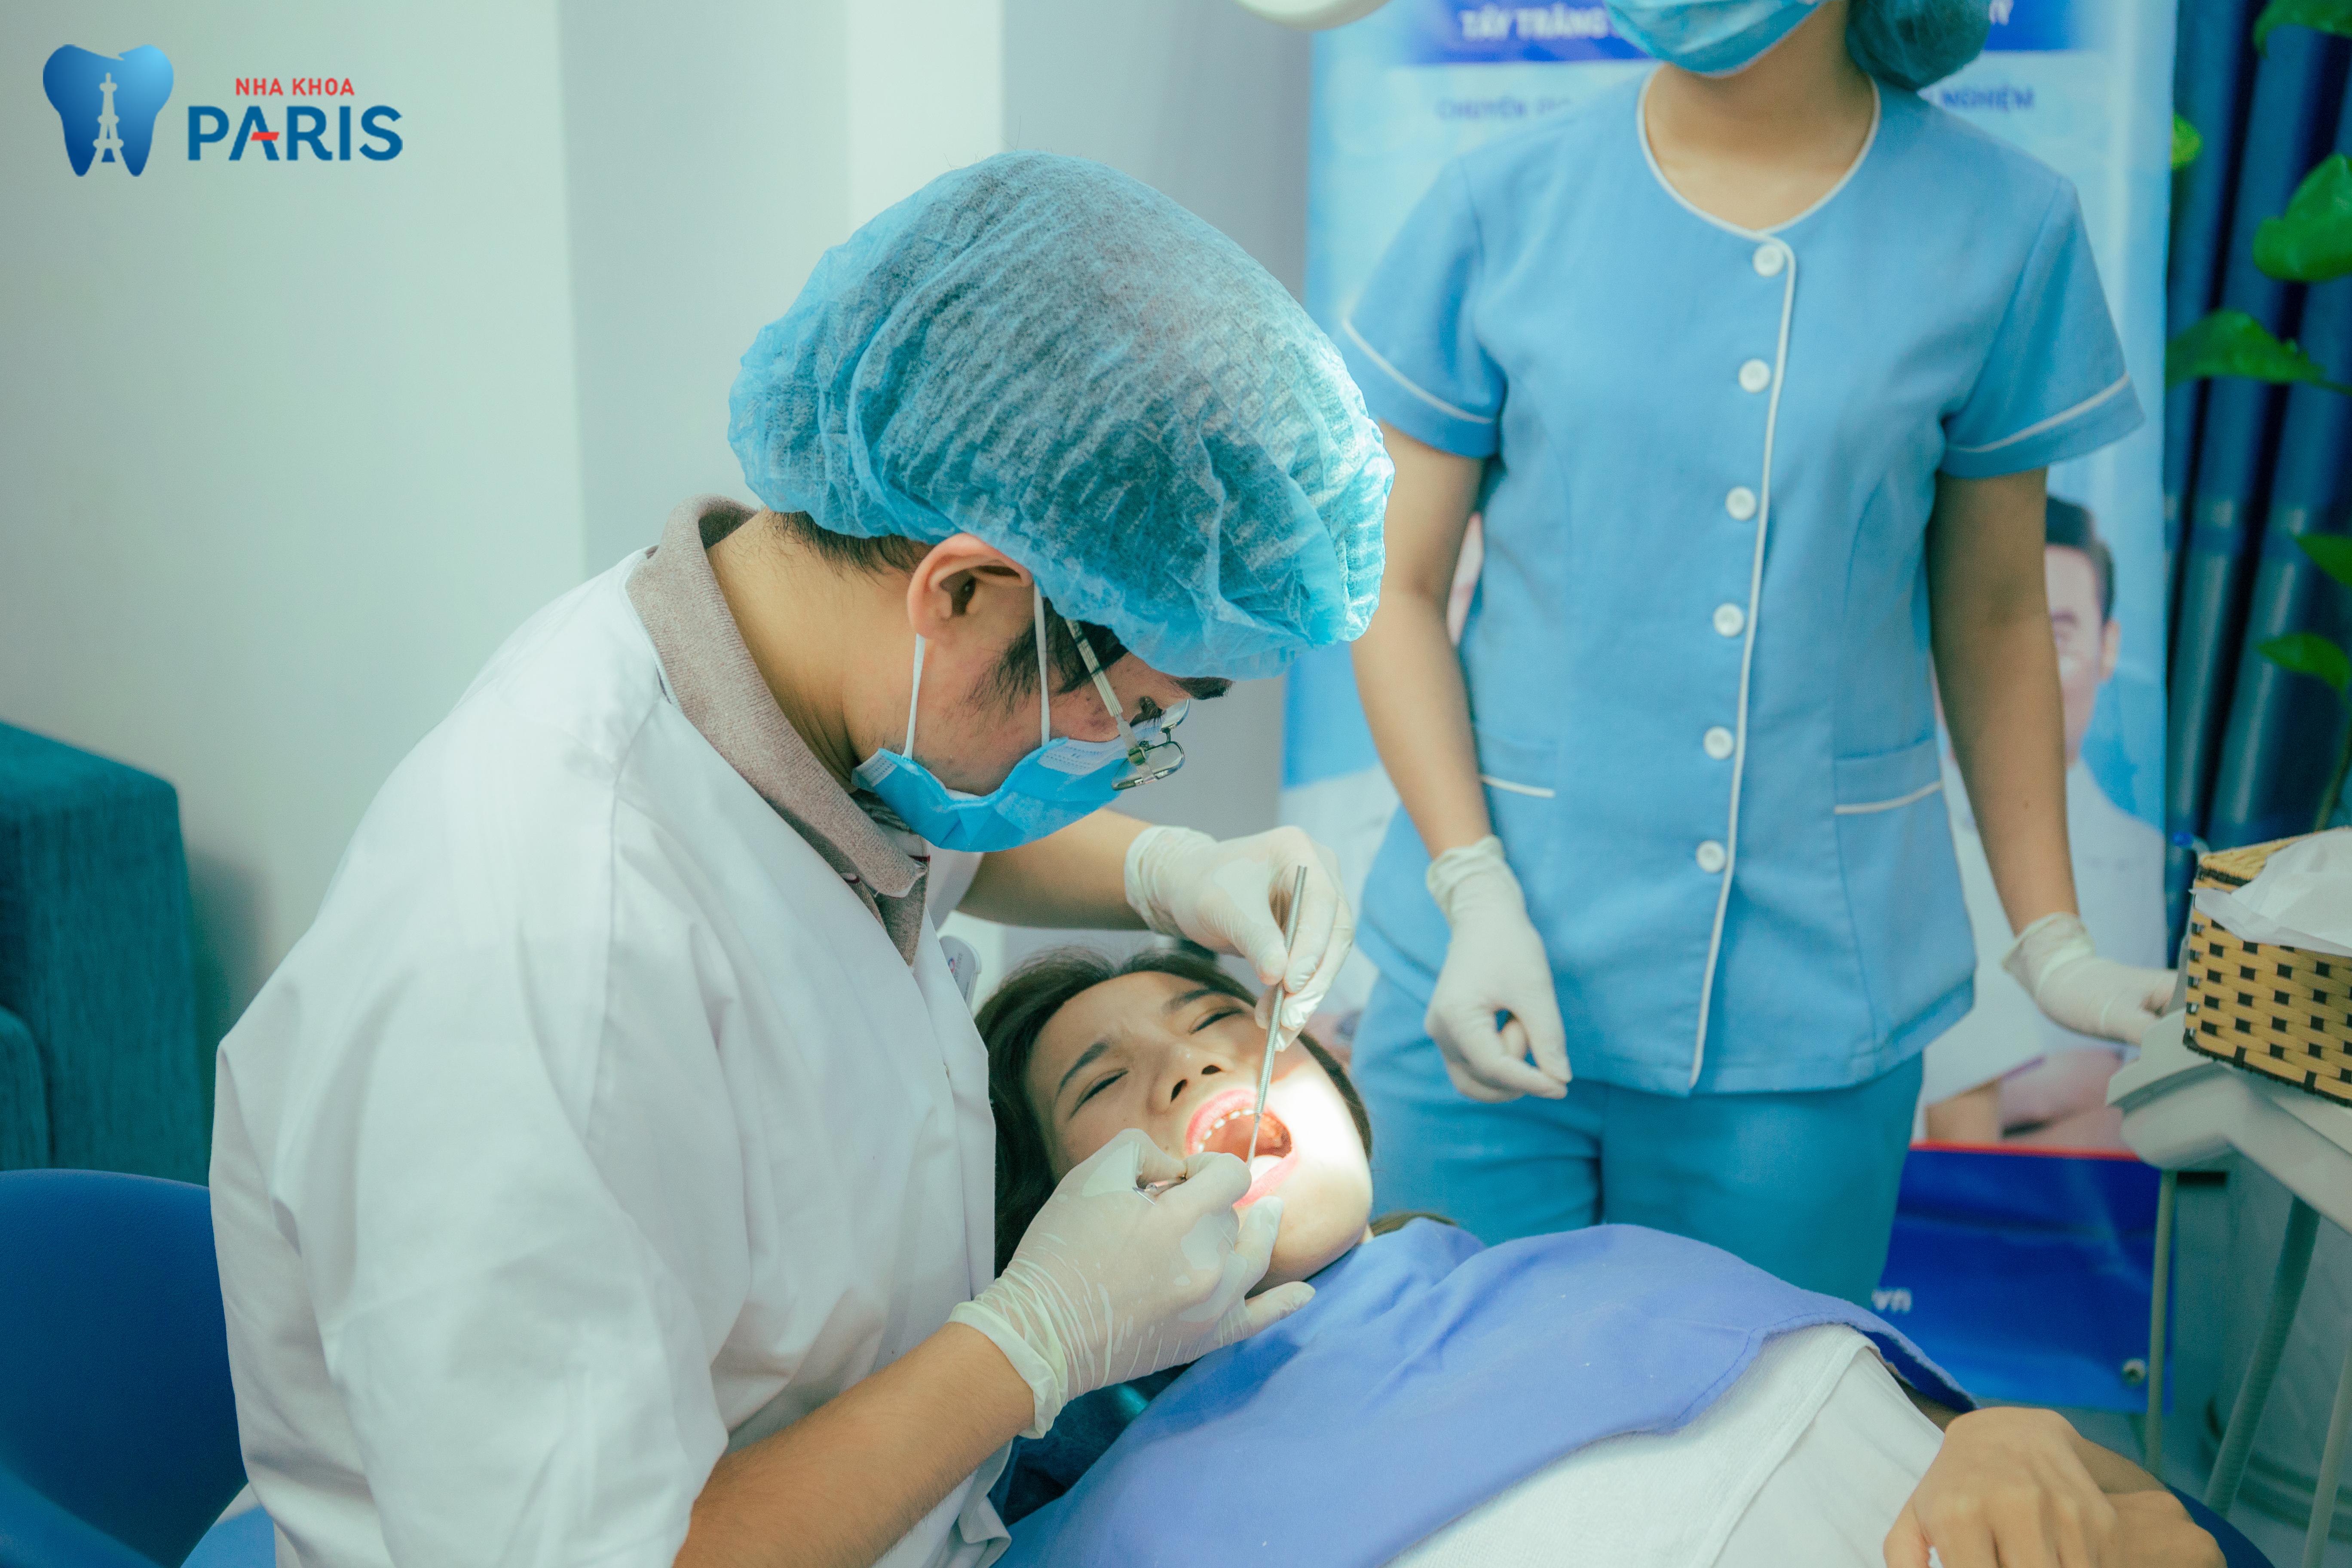 Điều trị răng sâu tại nha khoa uy tín để có kết quả tốt nhất